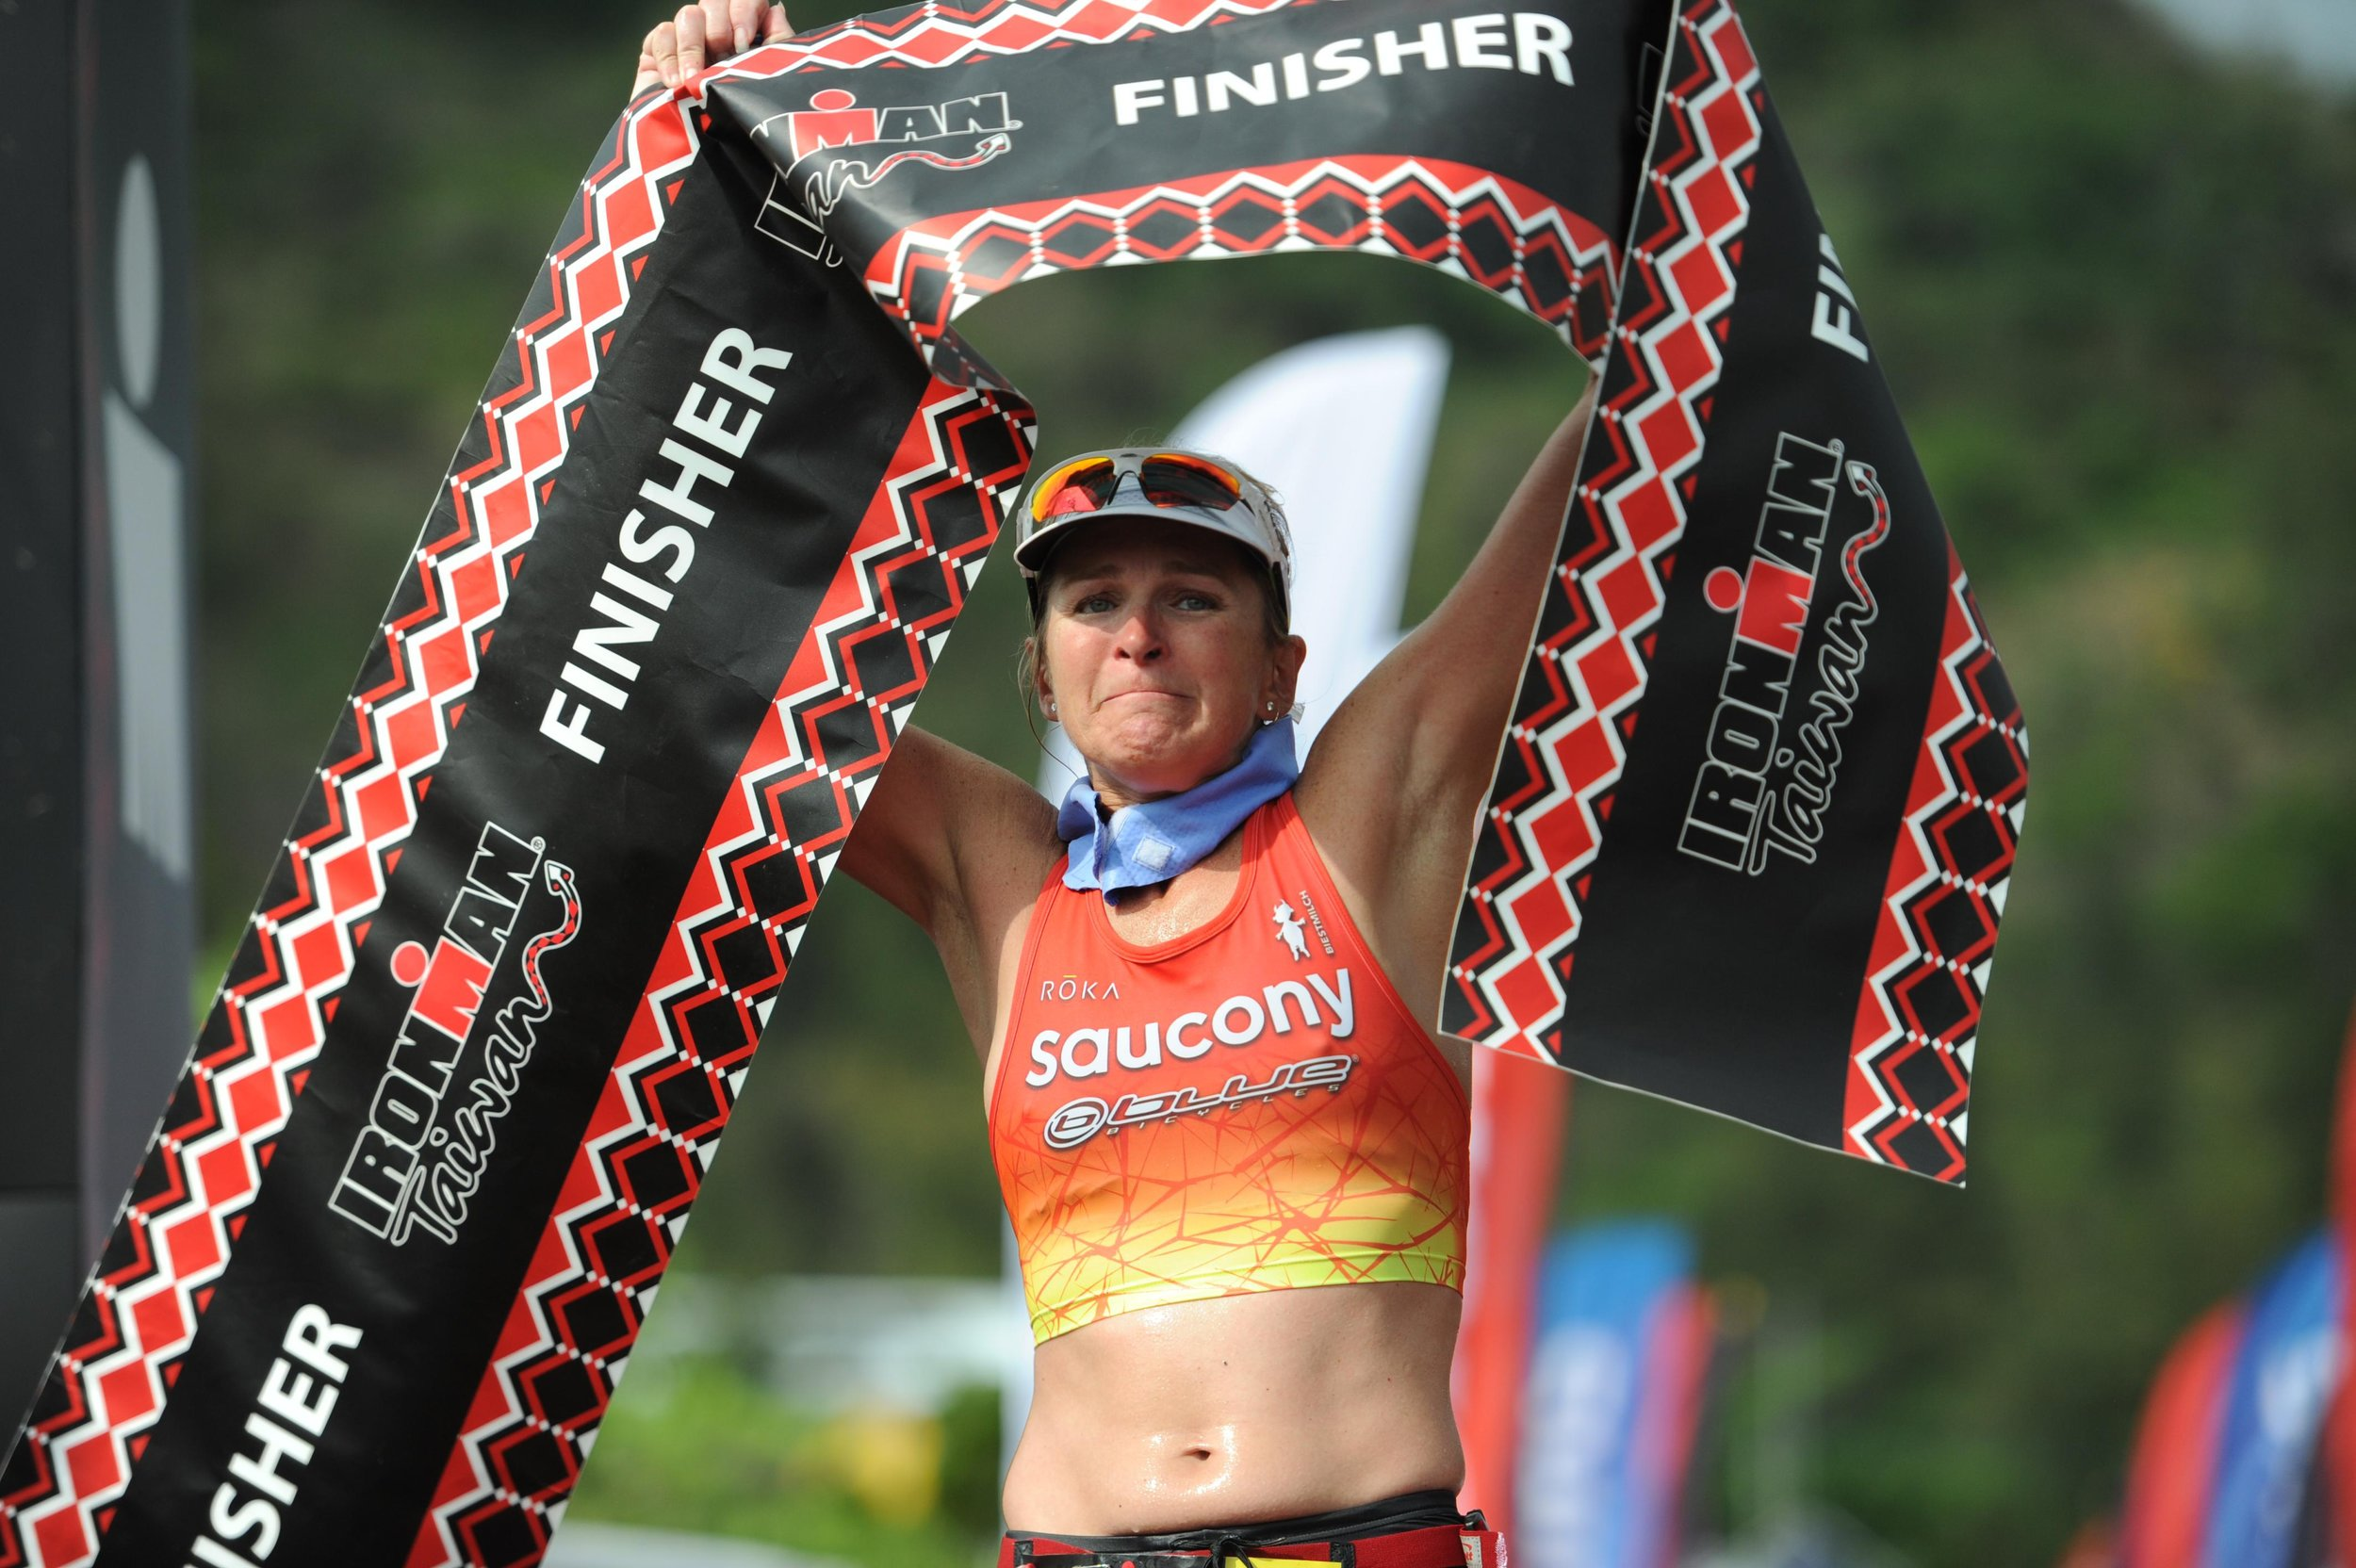 boulder-dede-griesbauer-triathlete